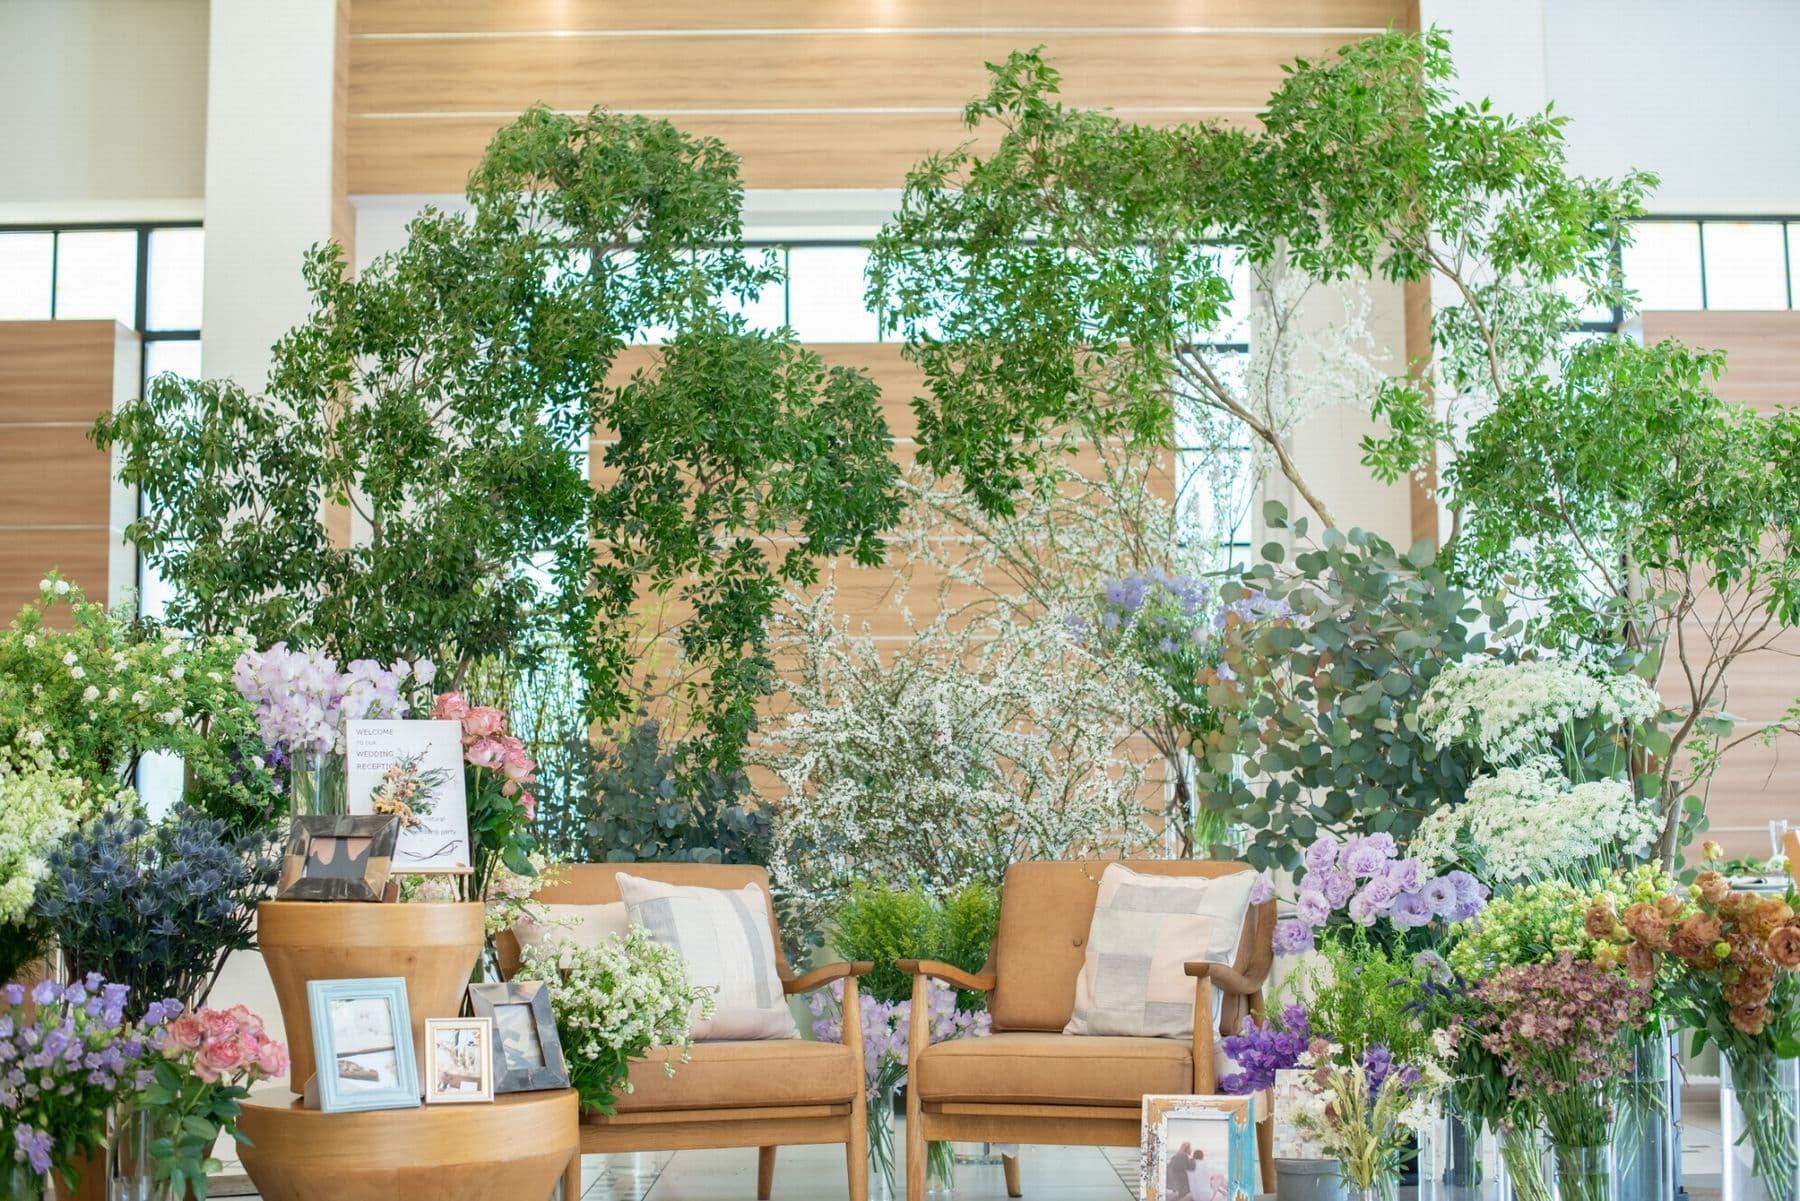 香川県の結婚式場シェルエメール&アイスタイルの新しいナチュラルなグリーンコーディネート